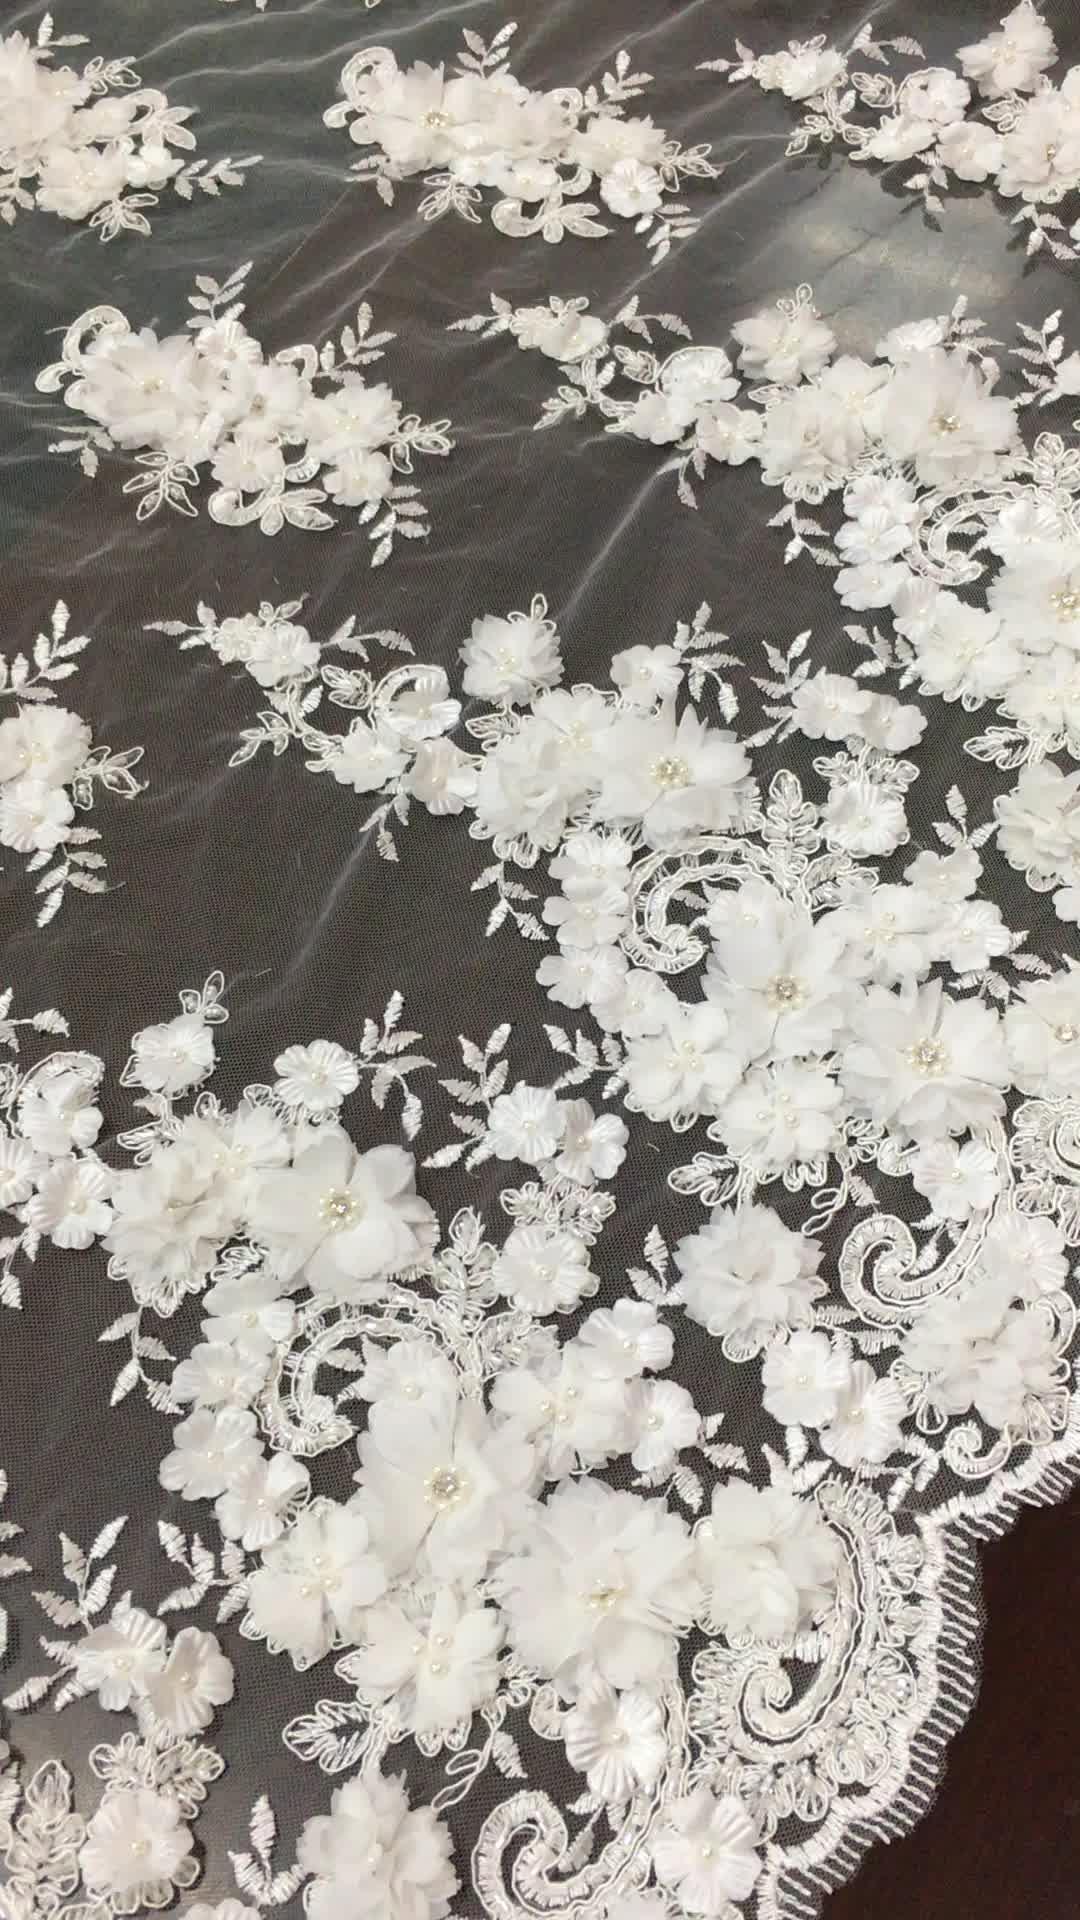 Mejor Venta de 3d de encaje de cordón de tela con cuentas de encaje bordado con flores apliques y piedras para vestido de boda